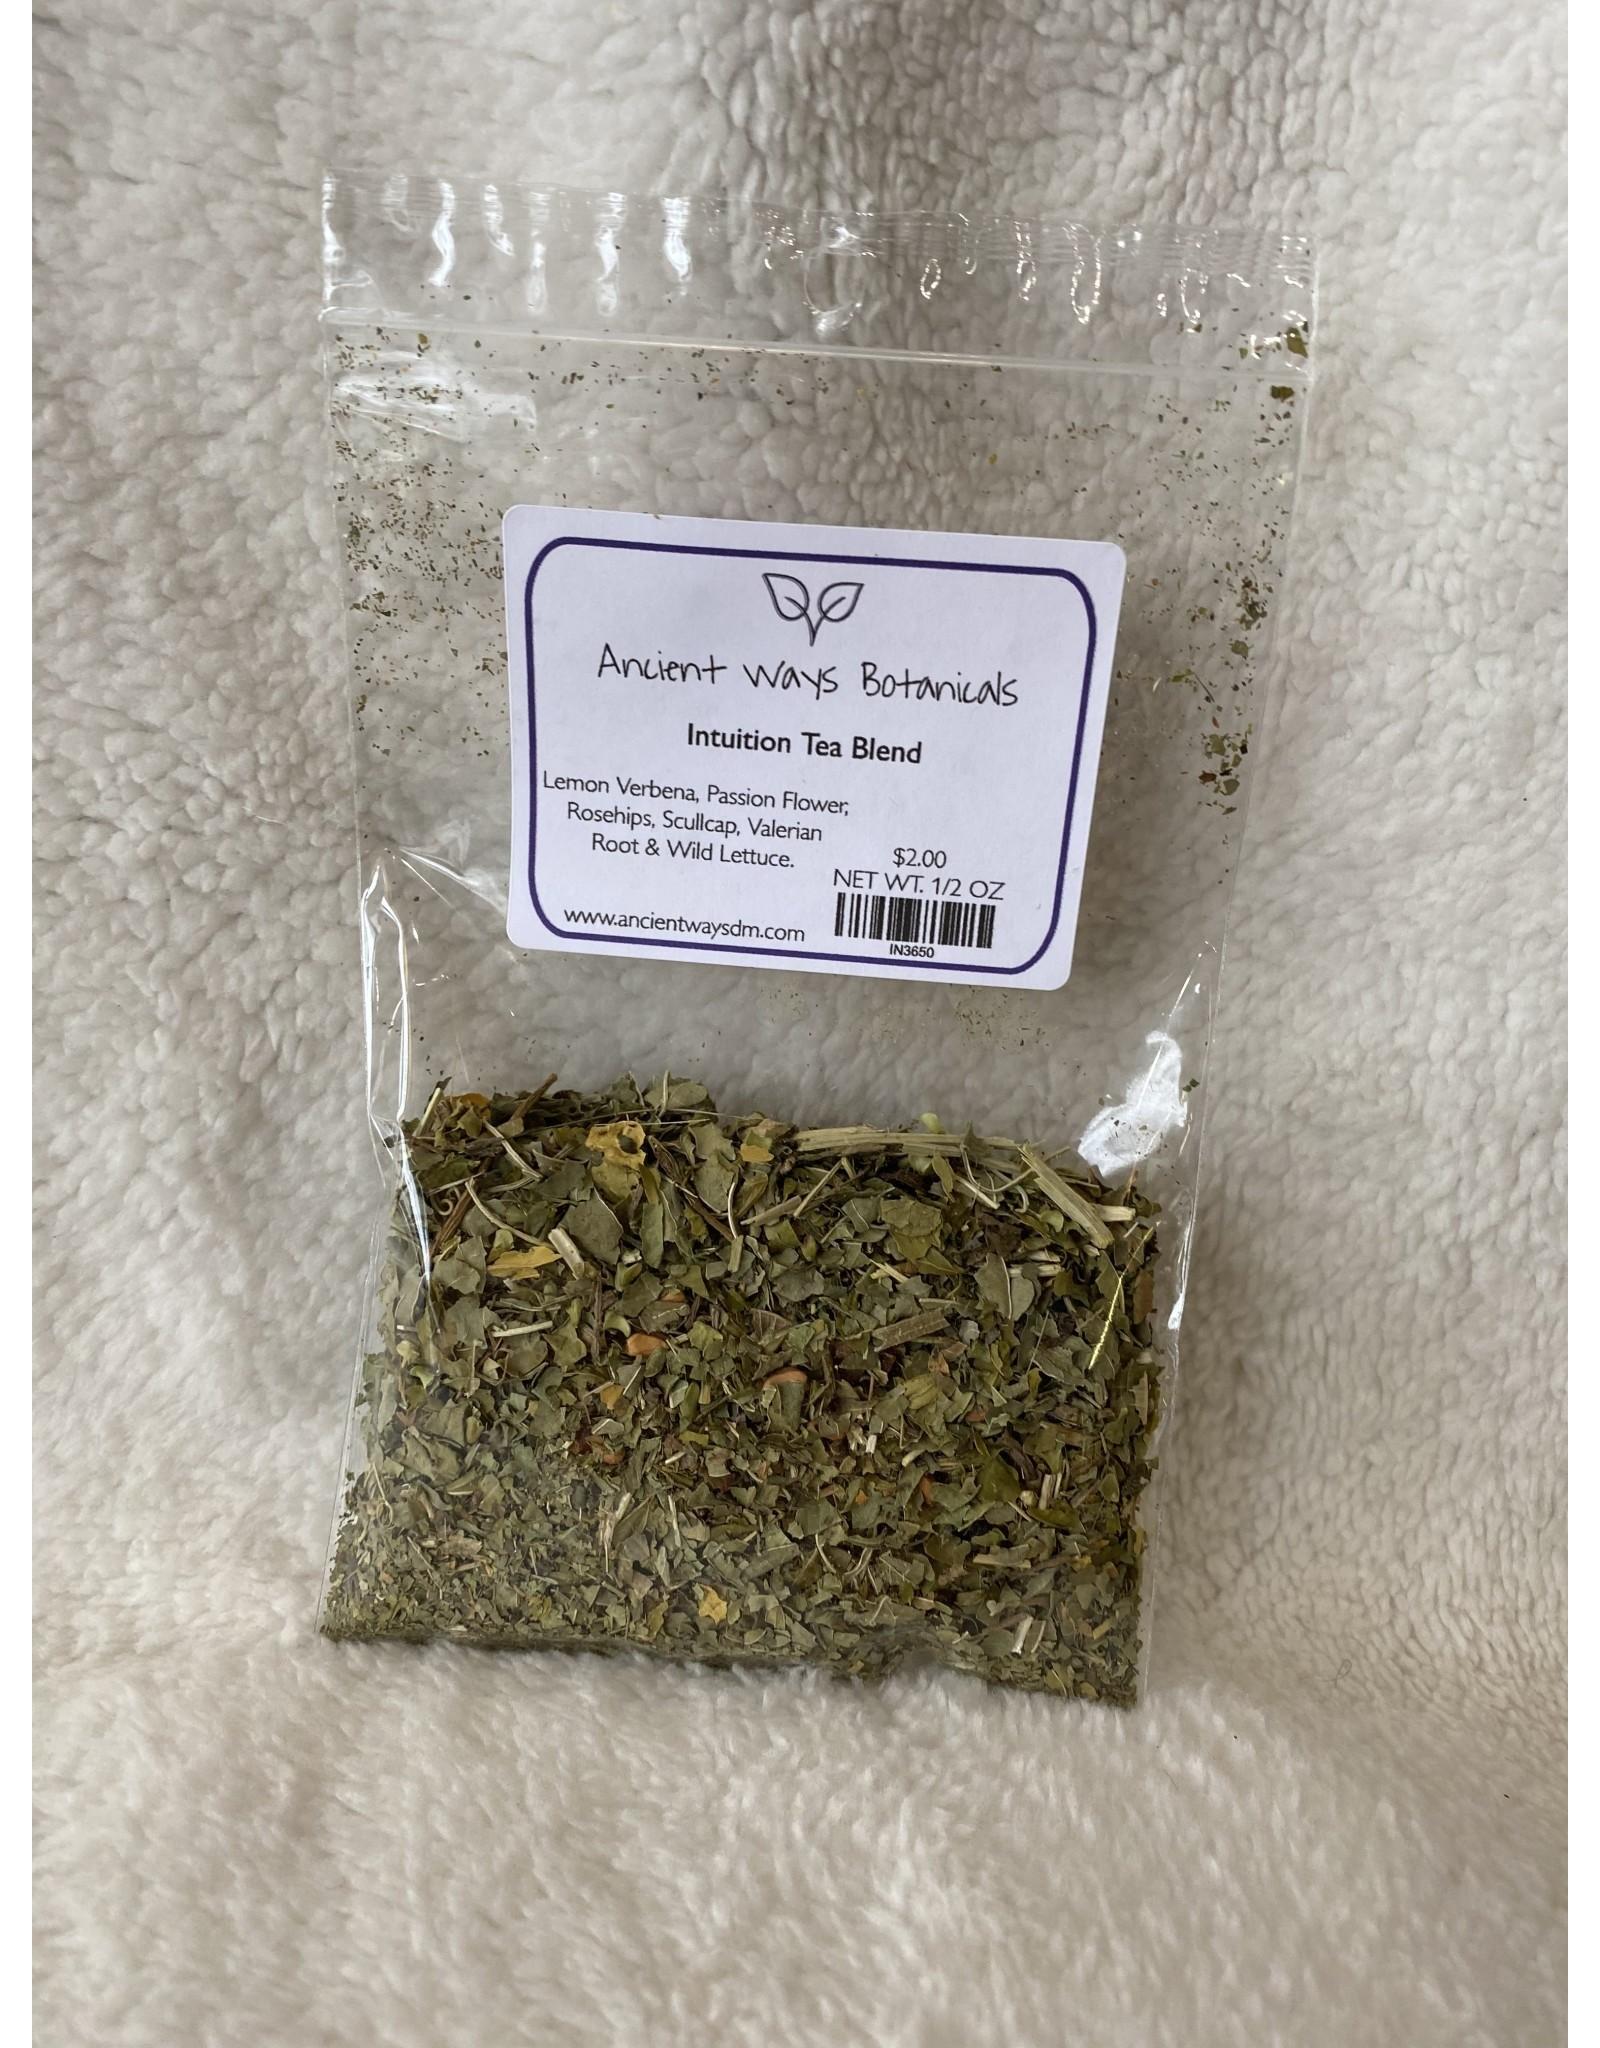 Intuition Tea Blend - 1/2 oz.